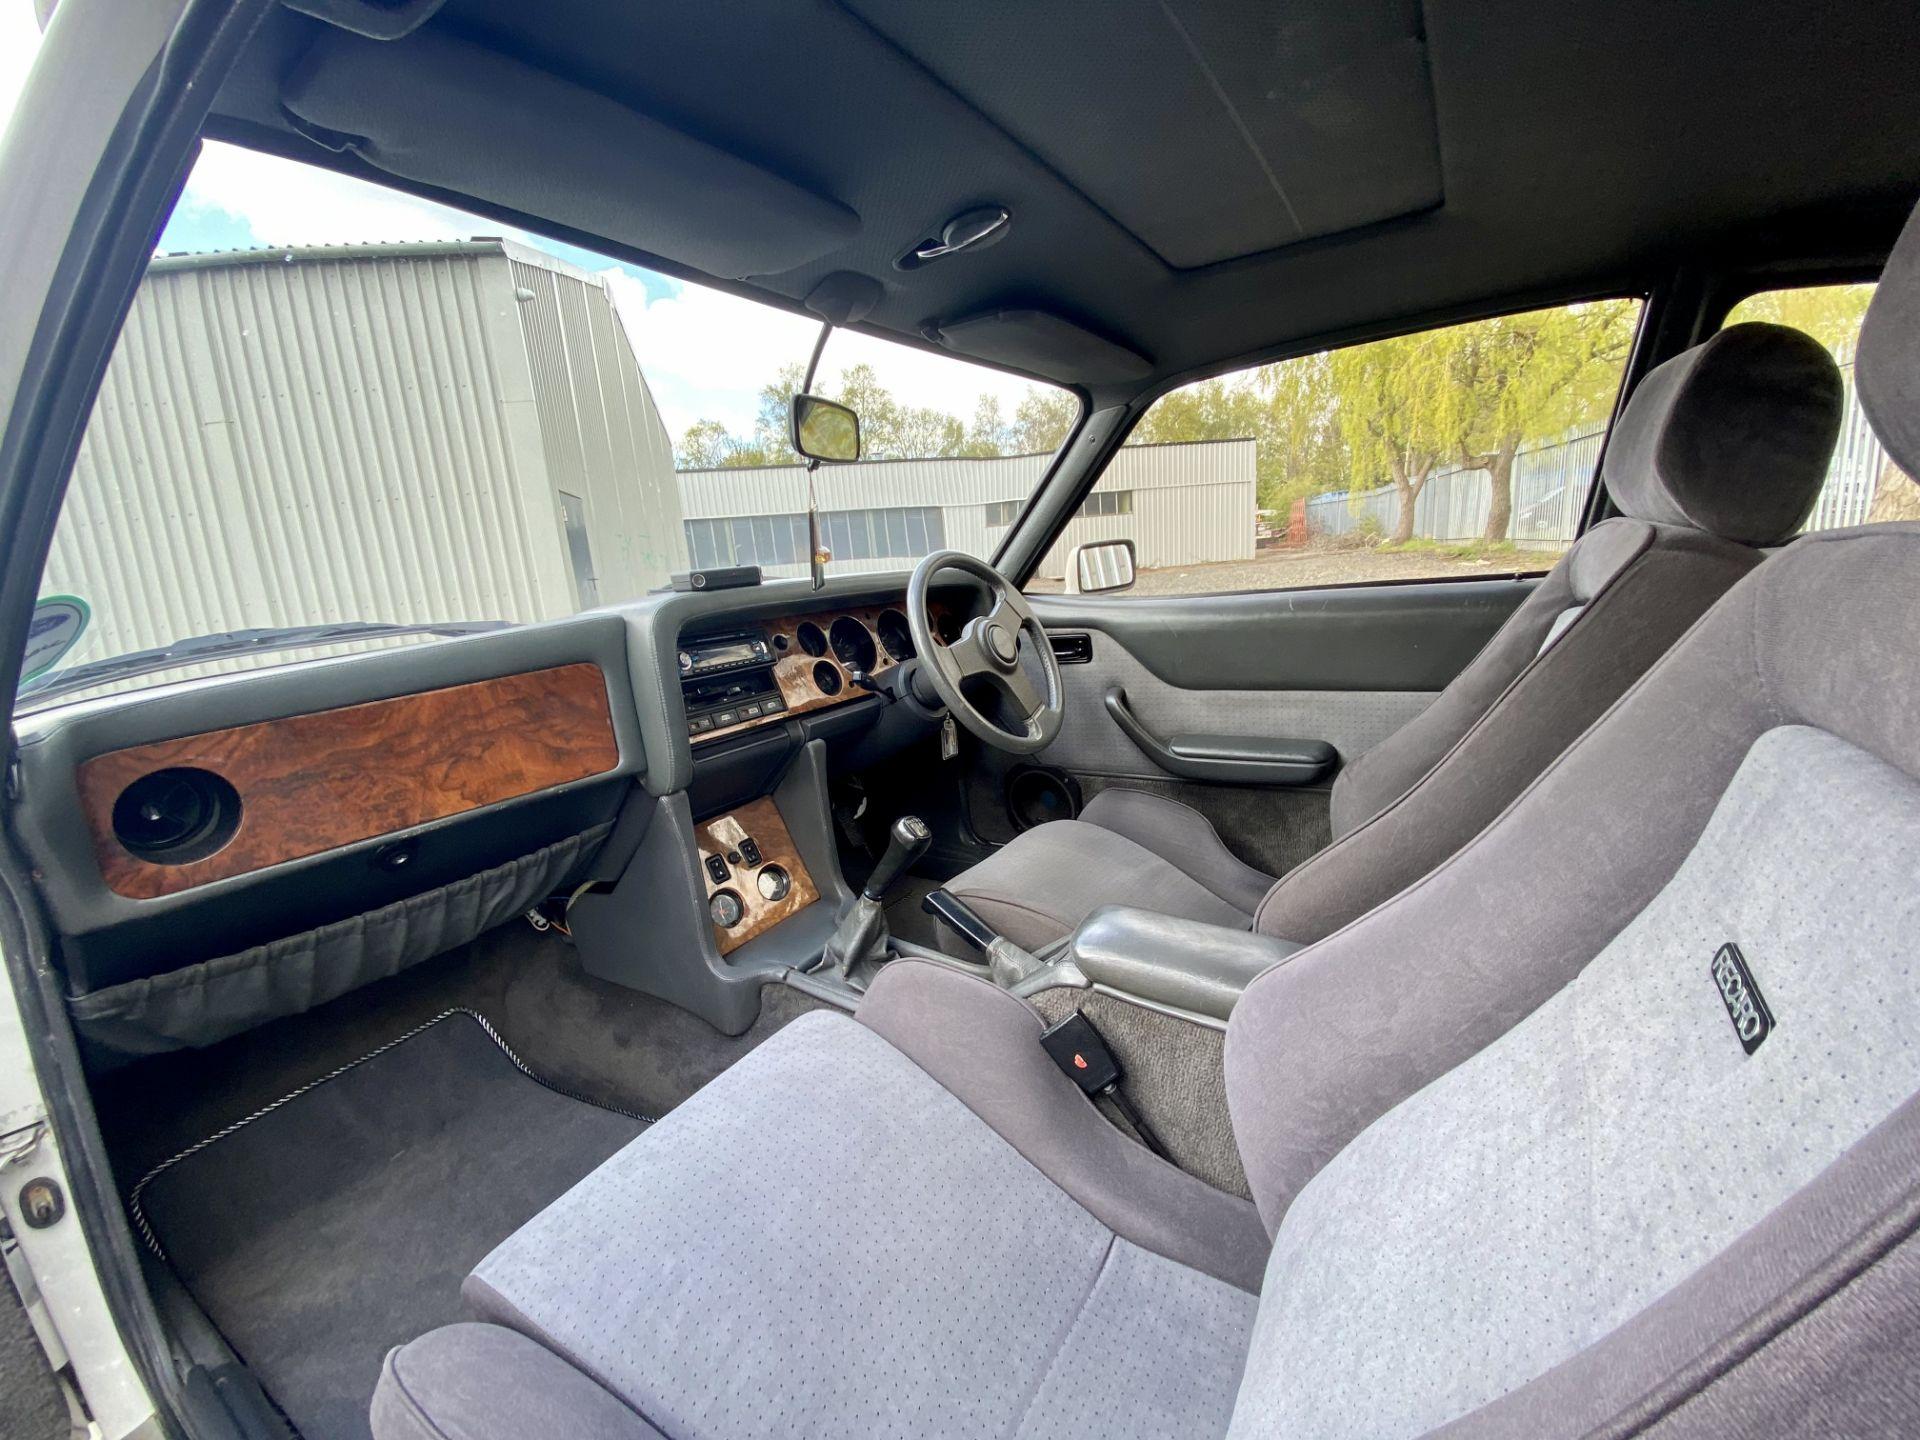 Ford Capri Tickford Turbo - Image 49 of 62